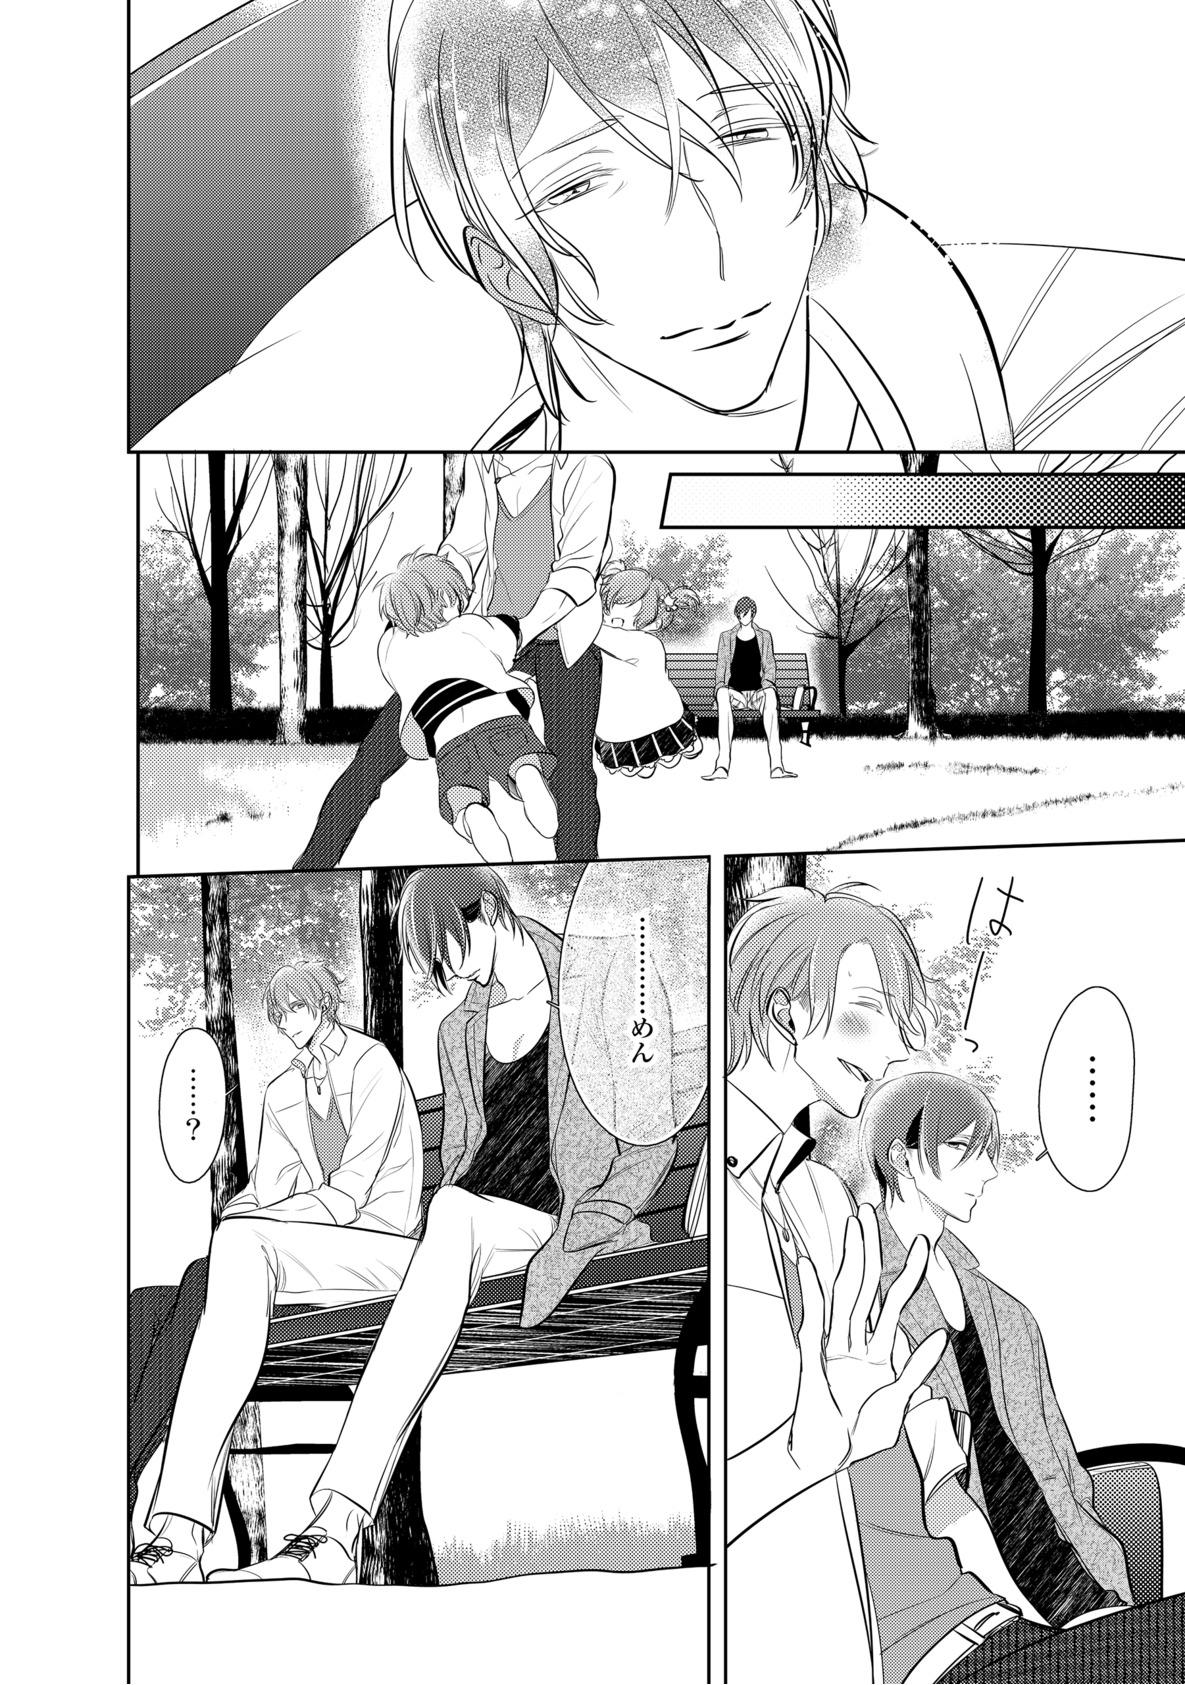 Kurui Naku no wa Boku no Ban ~ vol.2 63